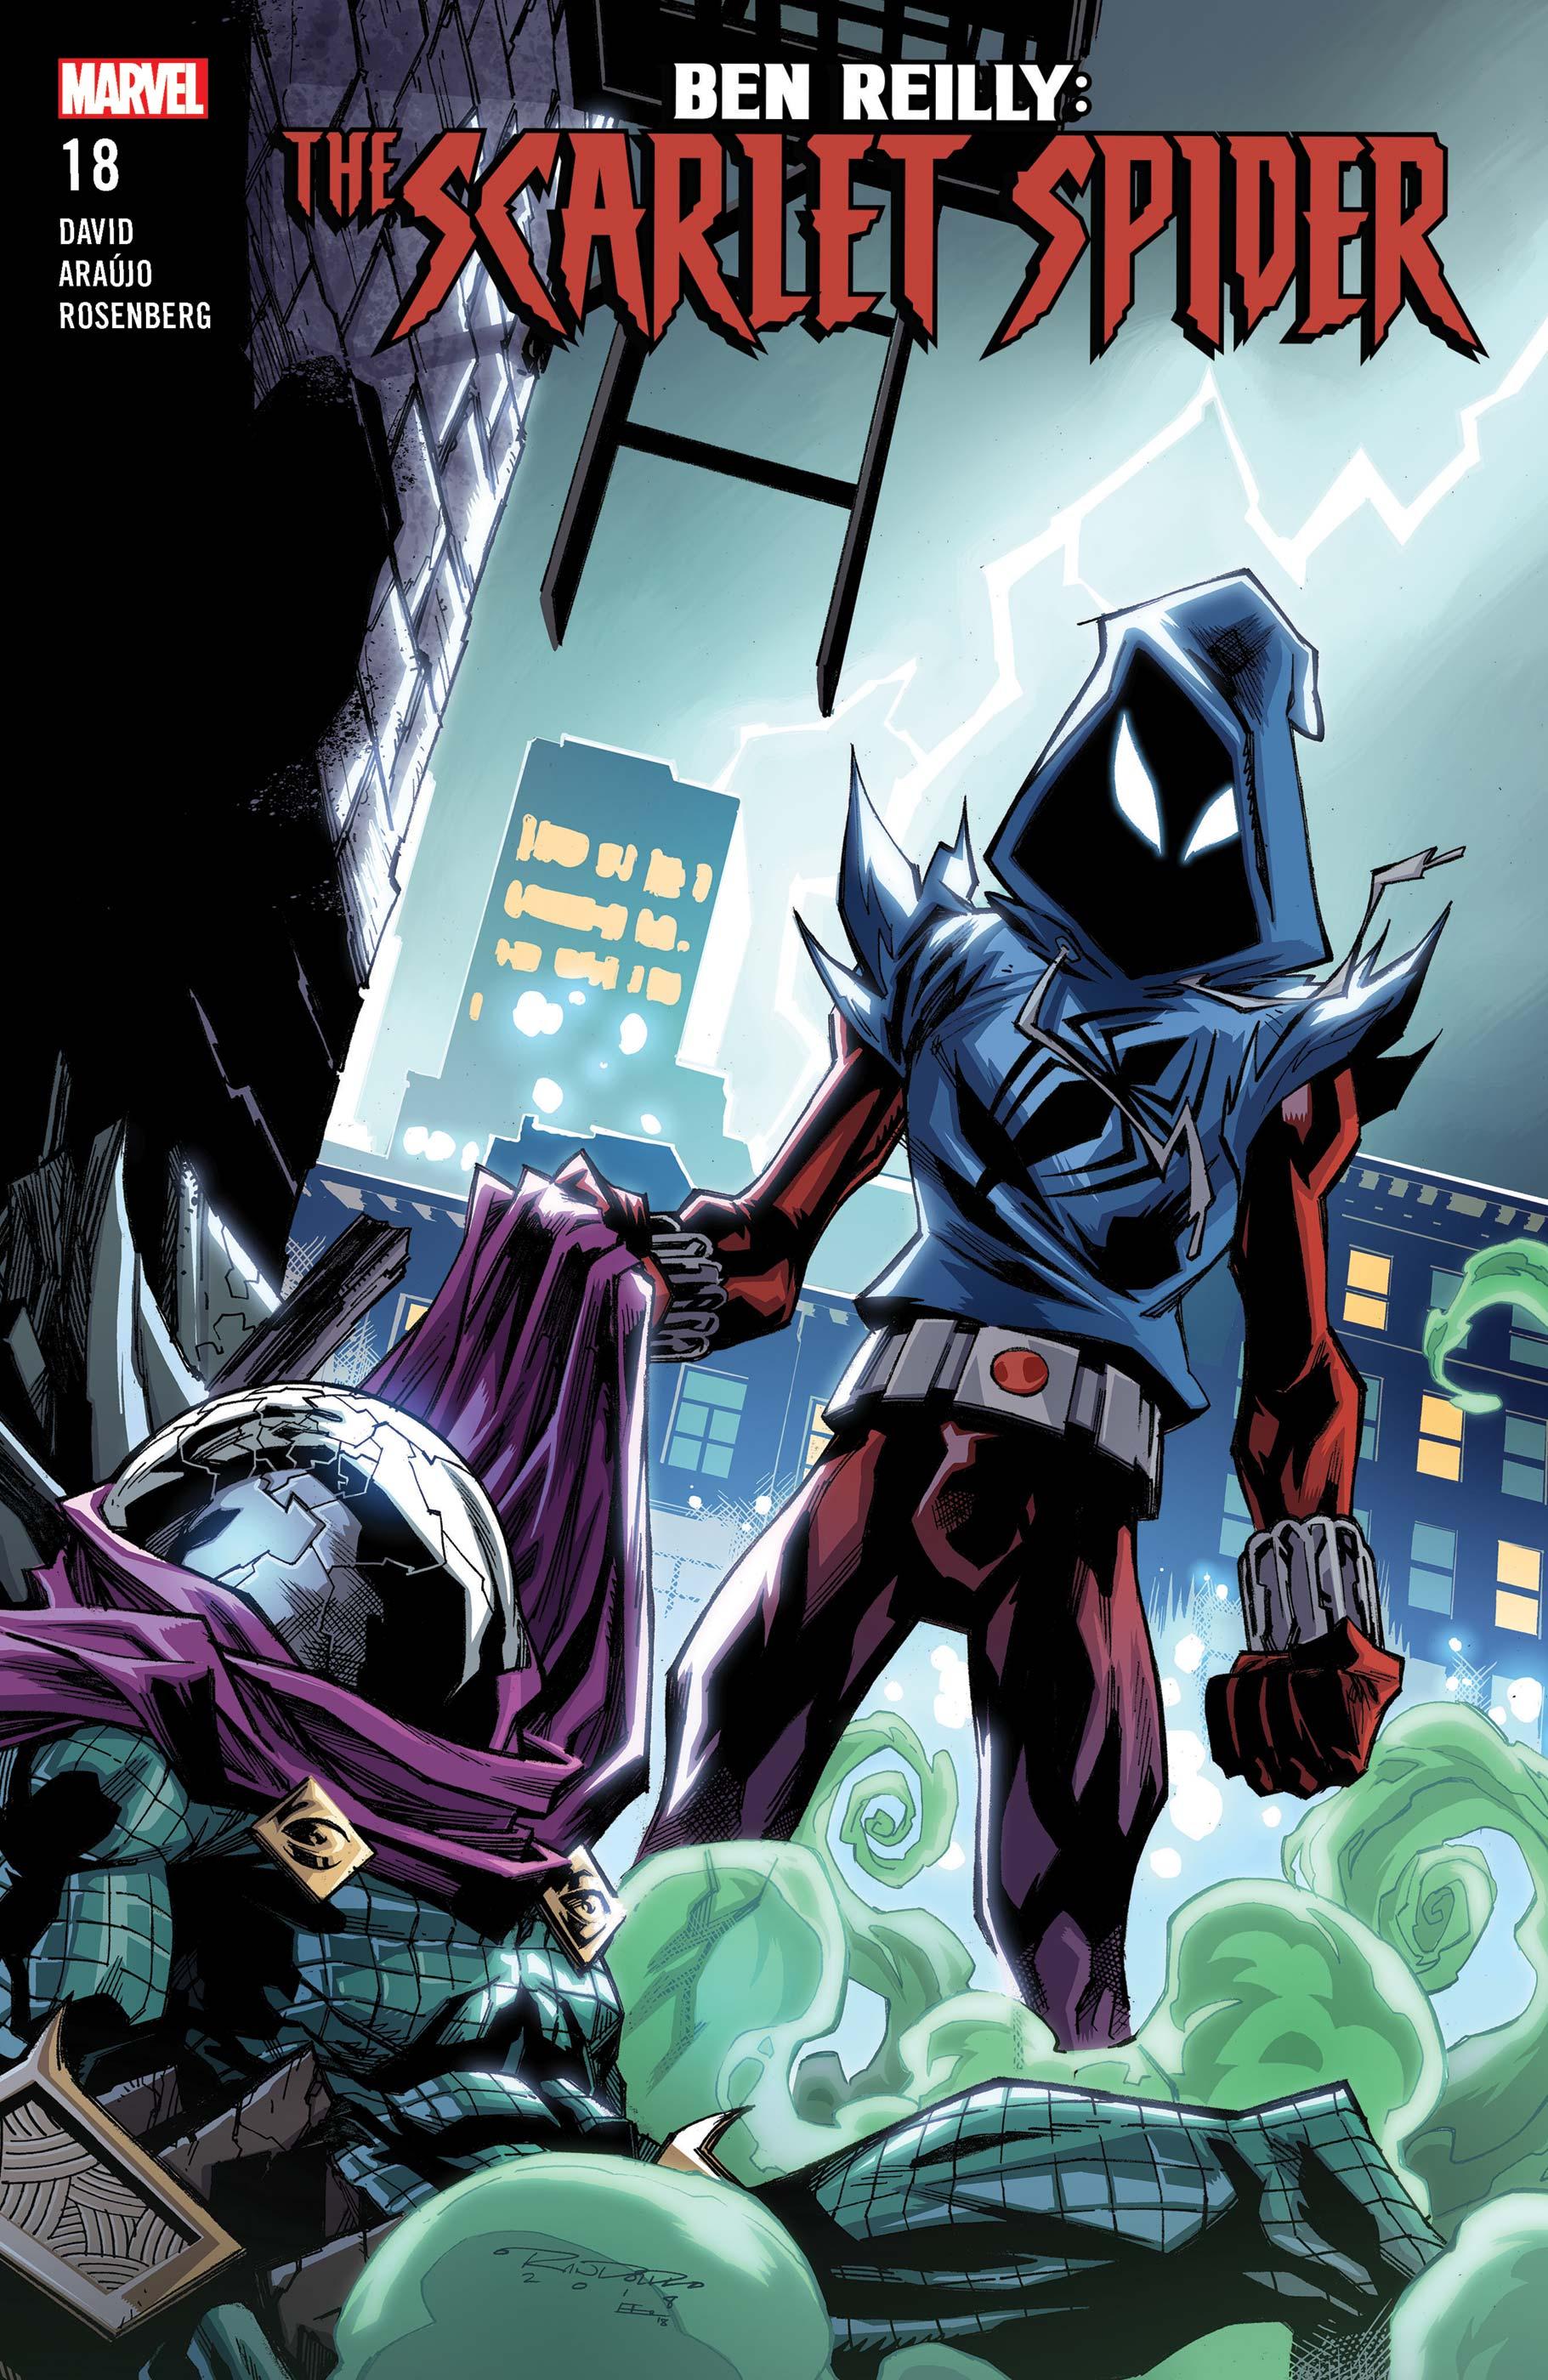 Ben Reilly: Scarlet Spider (2017) #18